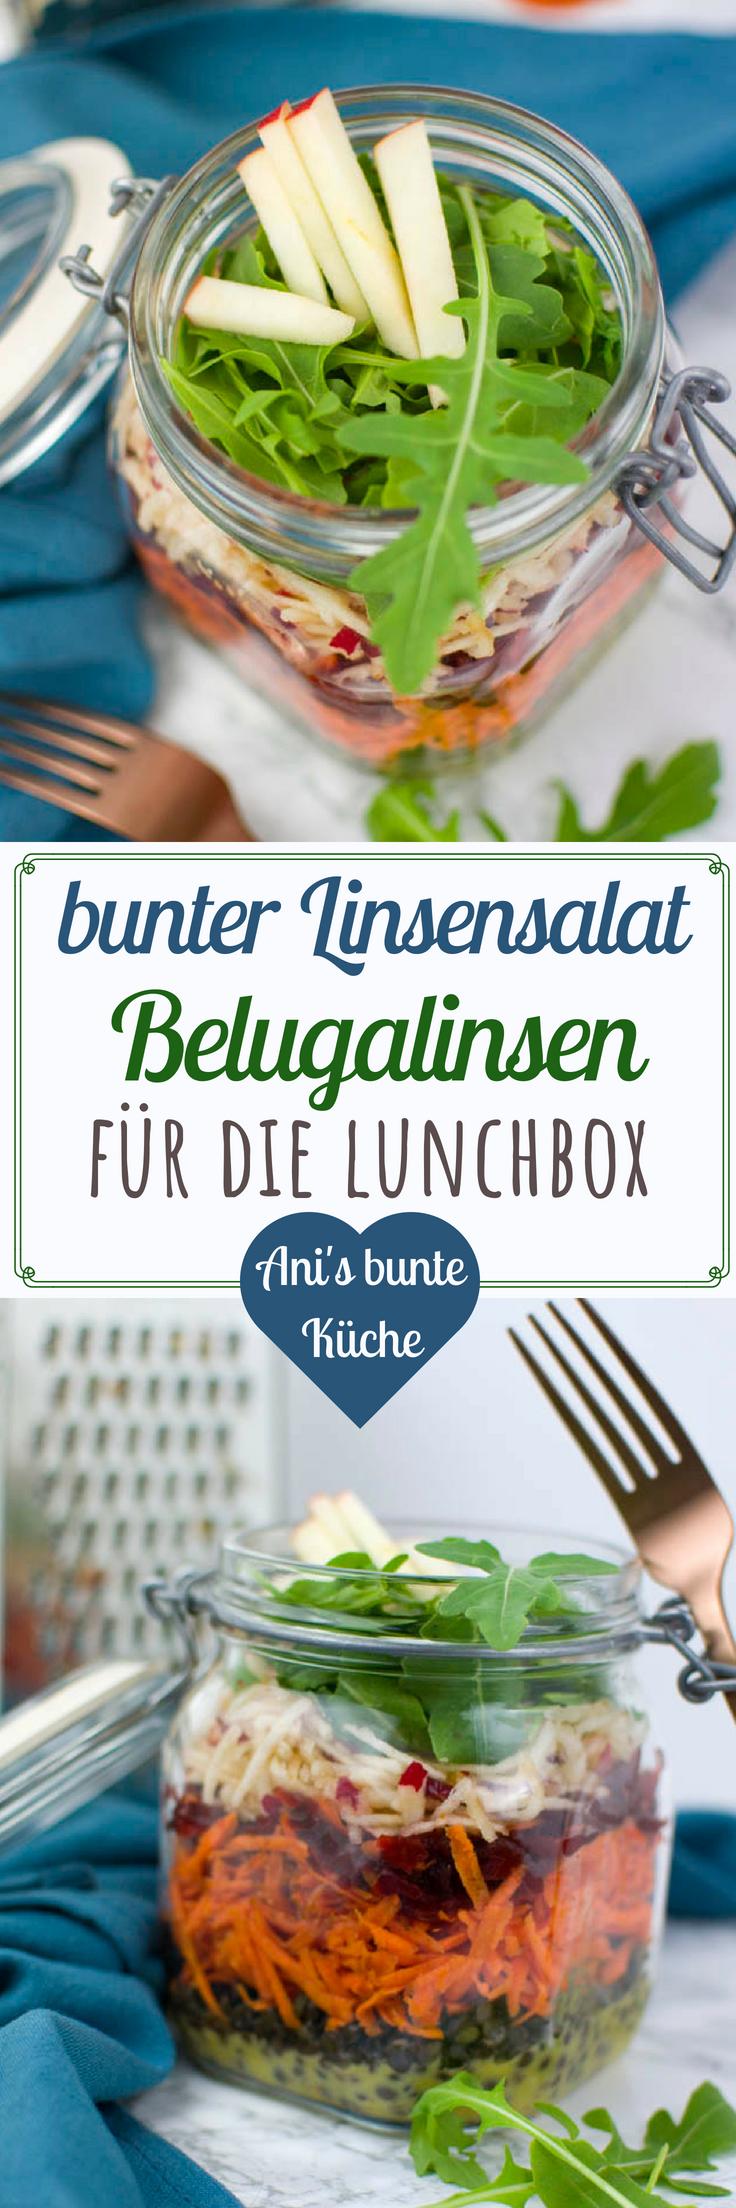 5 Zutaten Rezept -bunter veganer Linsensalat für die Lunchbox